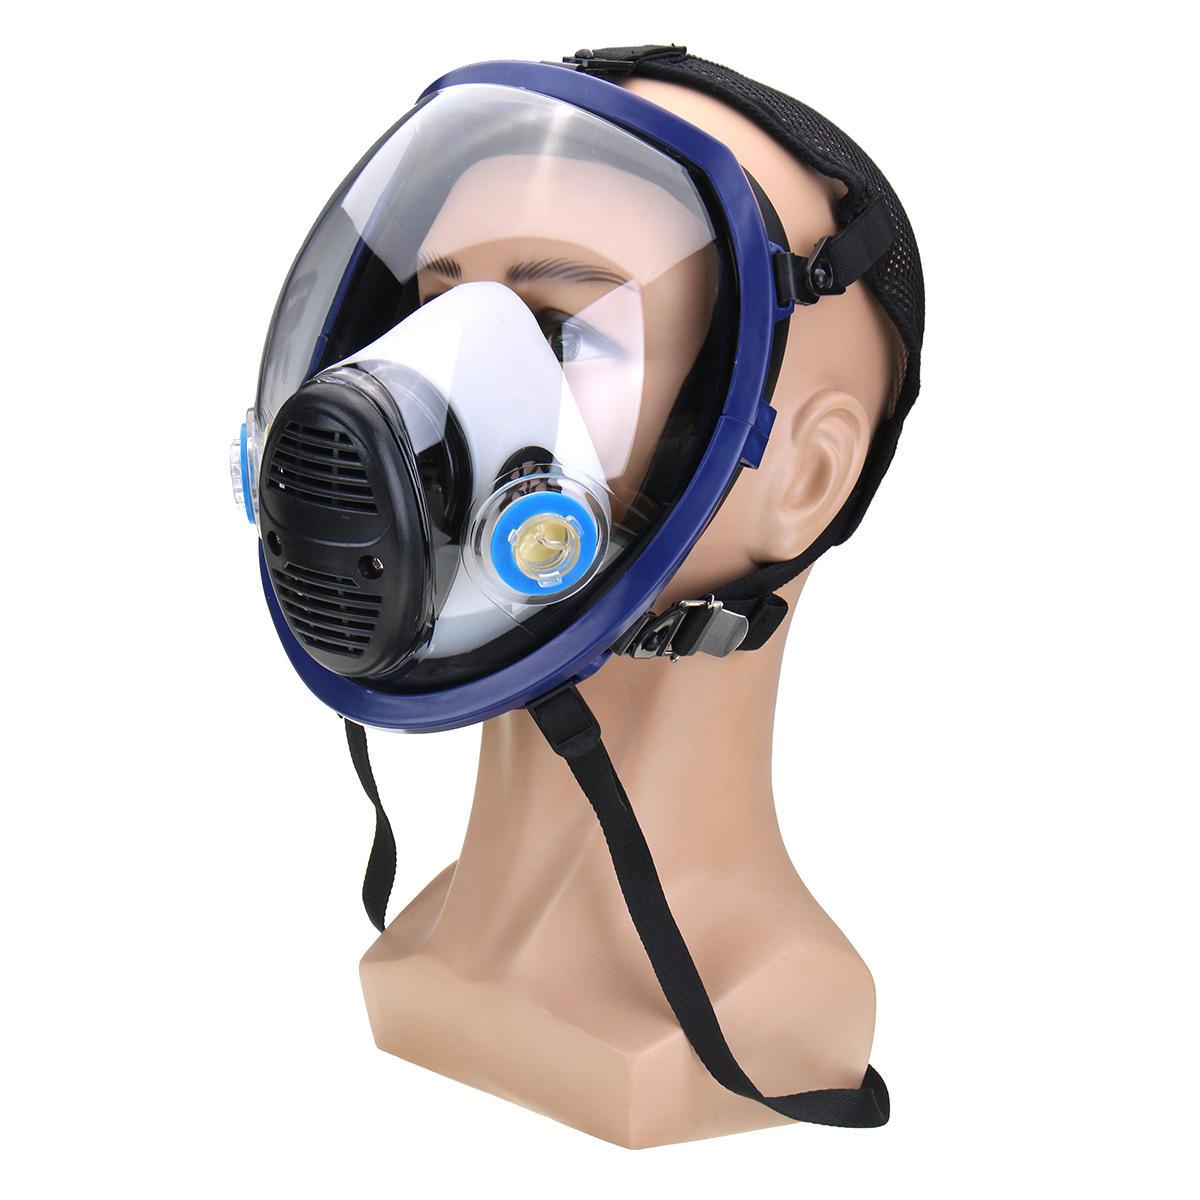 Анти туман электрическая маска + 2 шт фильтр бумага pm2.5 формальдегид активированный уголь пыль запах вторичного дыма Воздухопроницаемый - 4